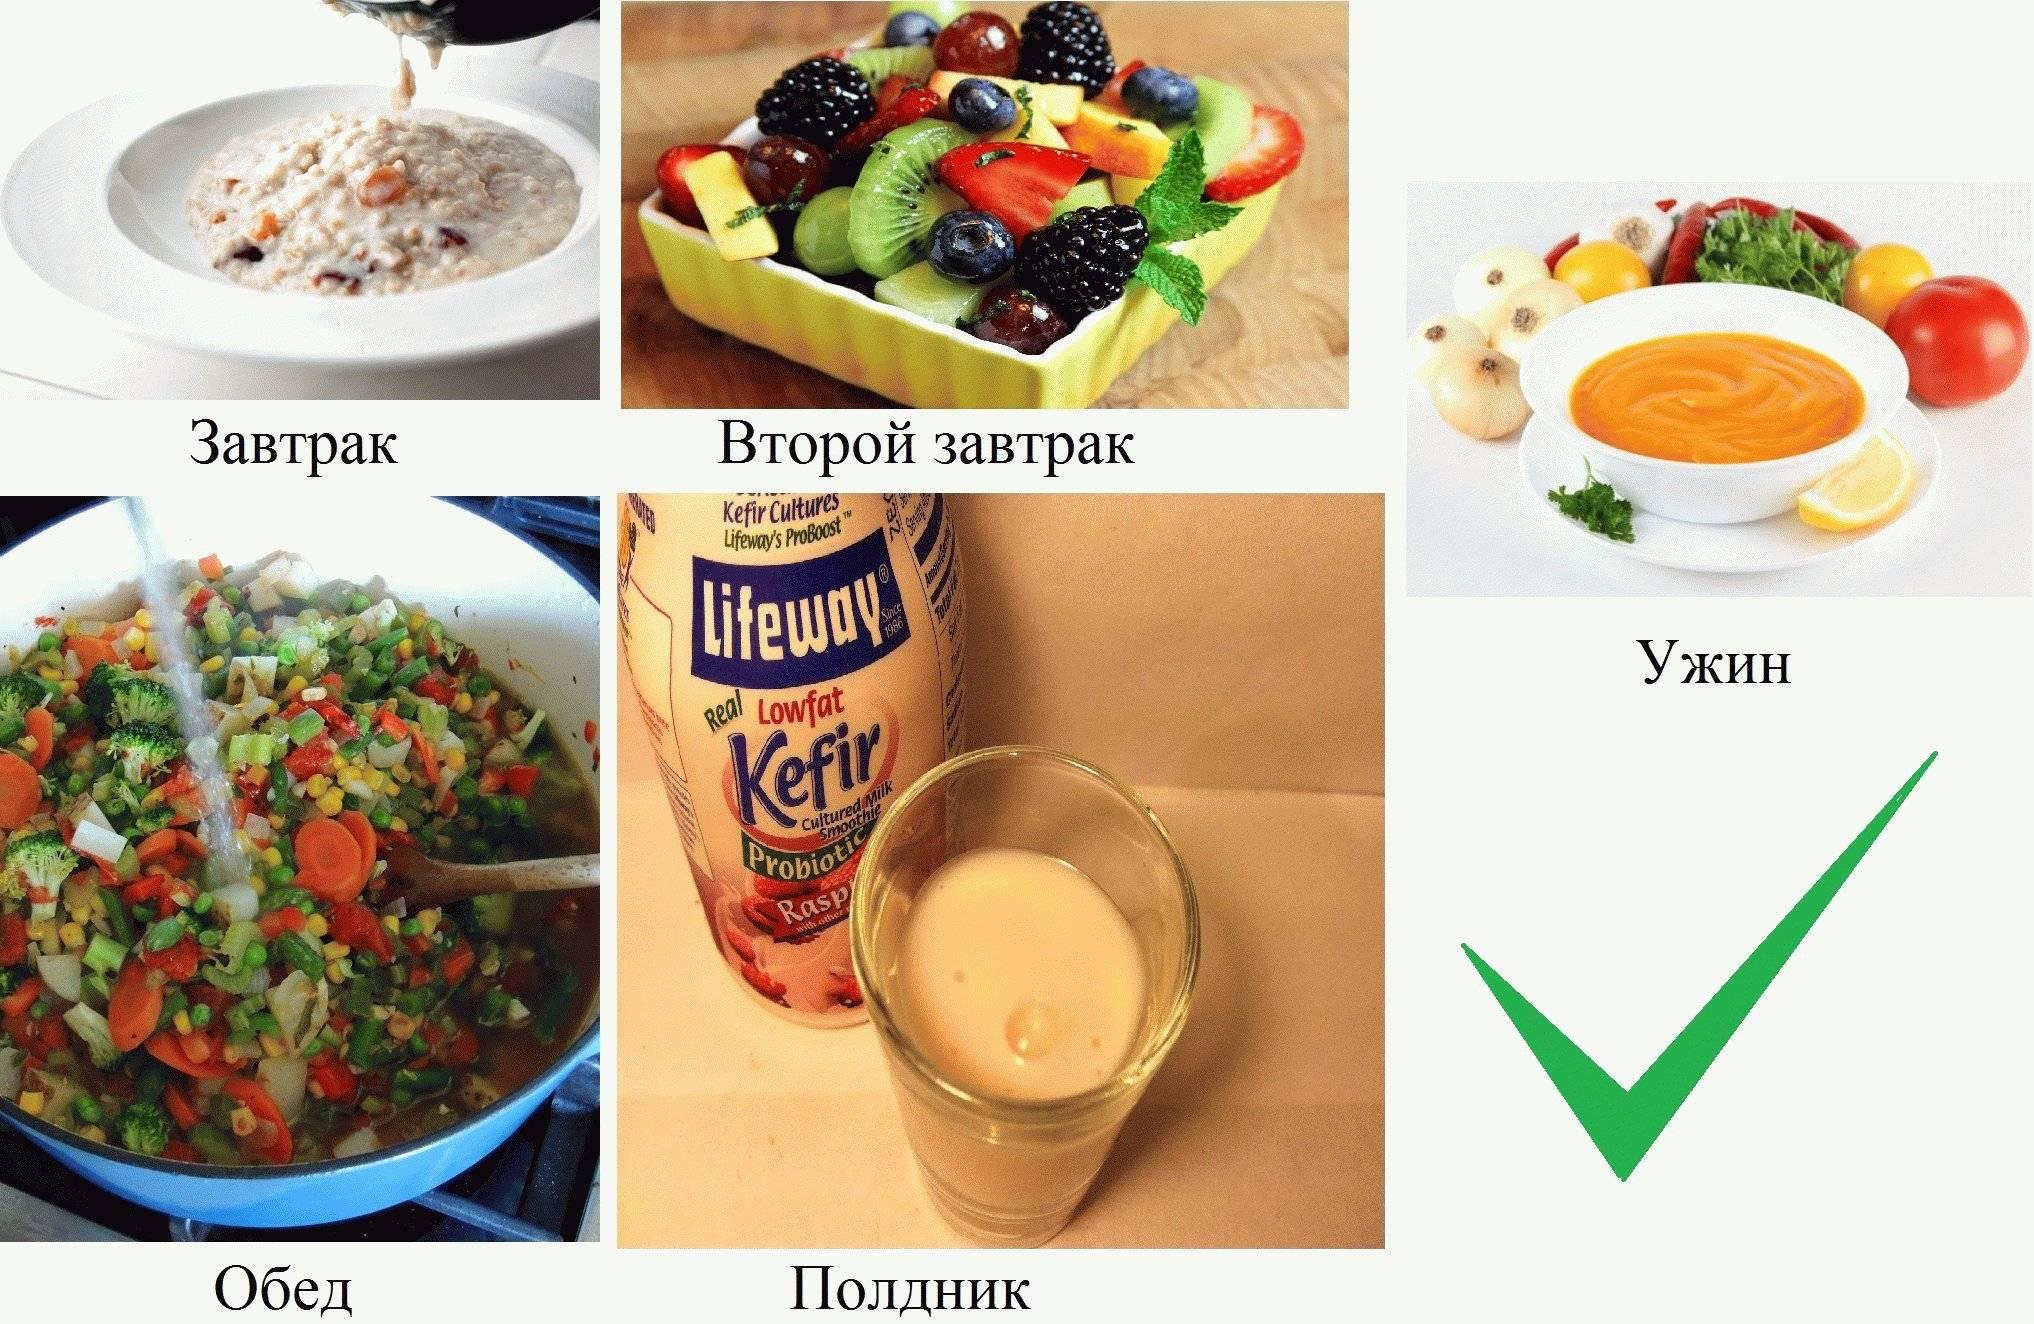 Пп рецепты, правила, секреты: все про настоящий обед пп-шника